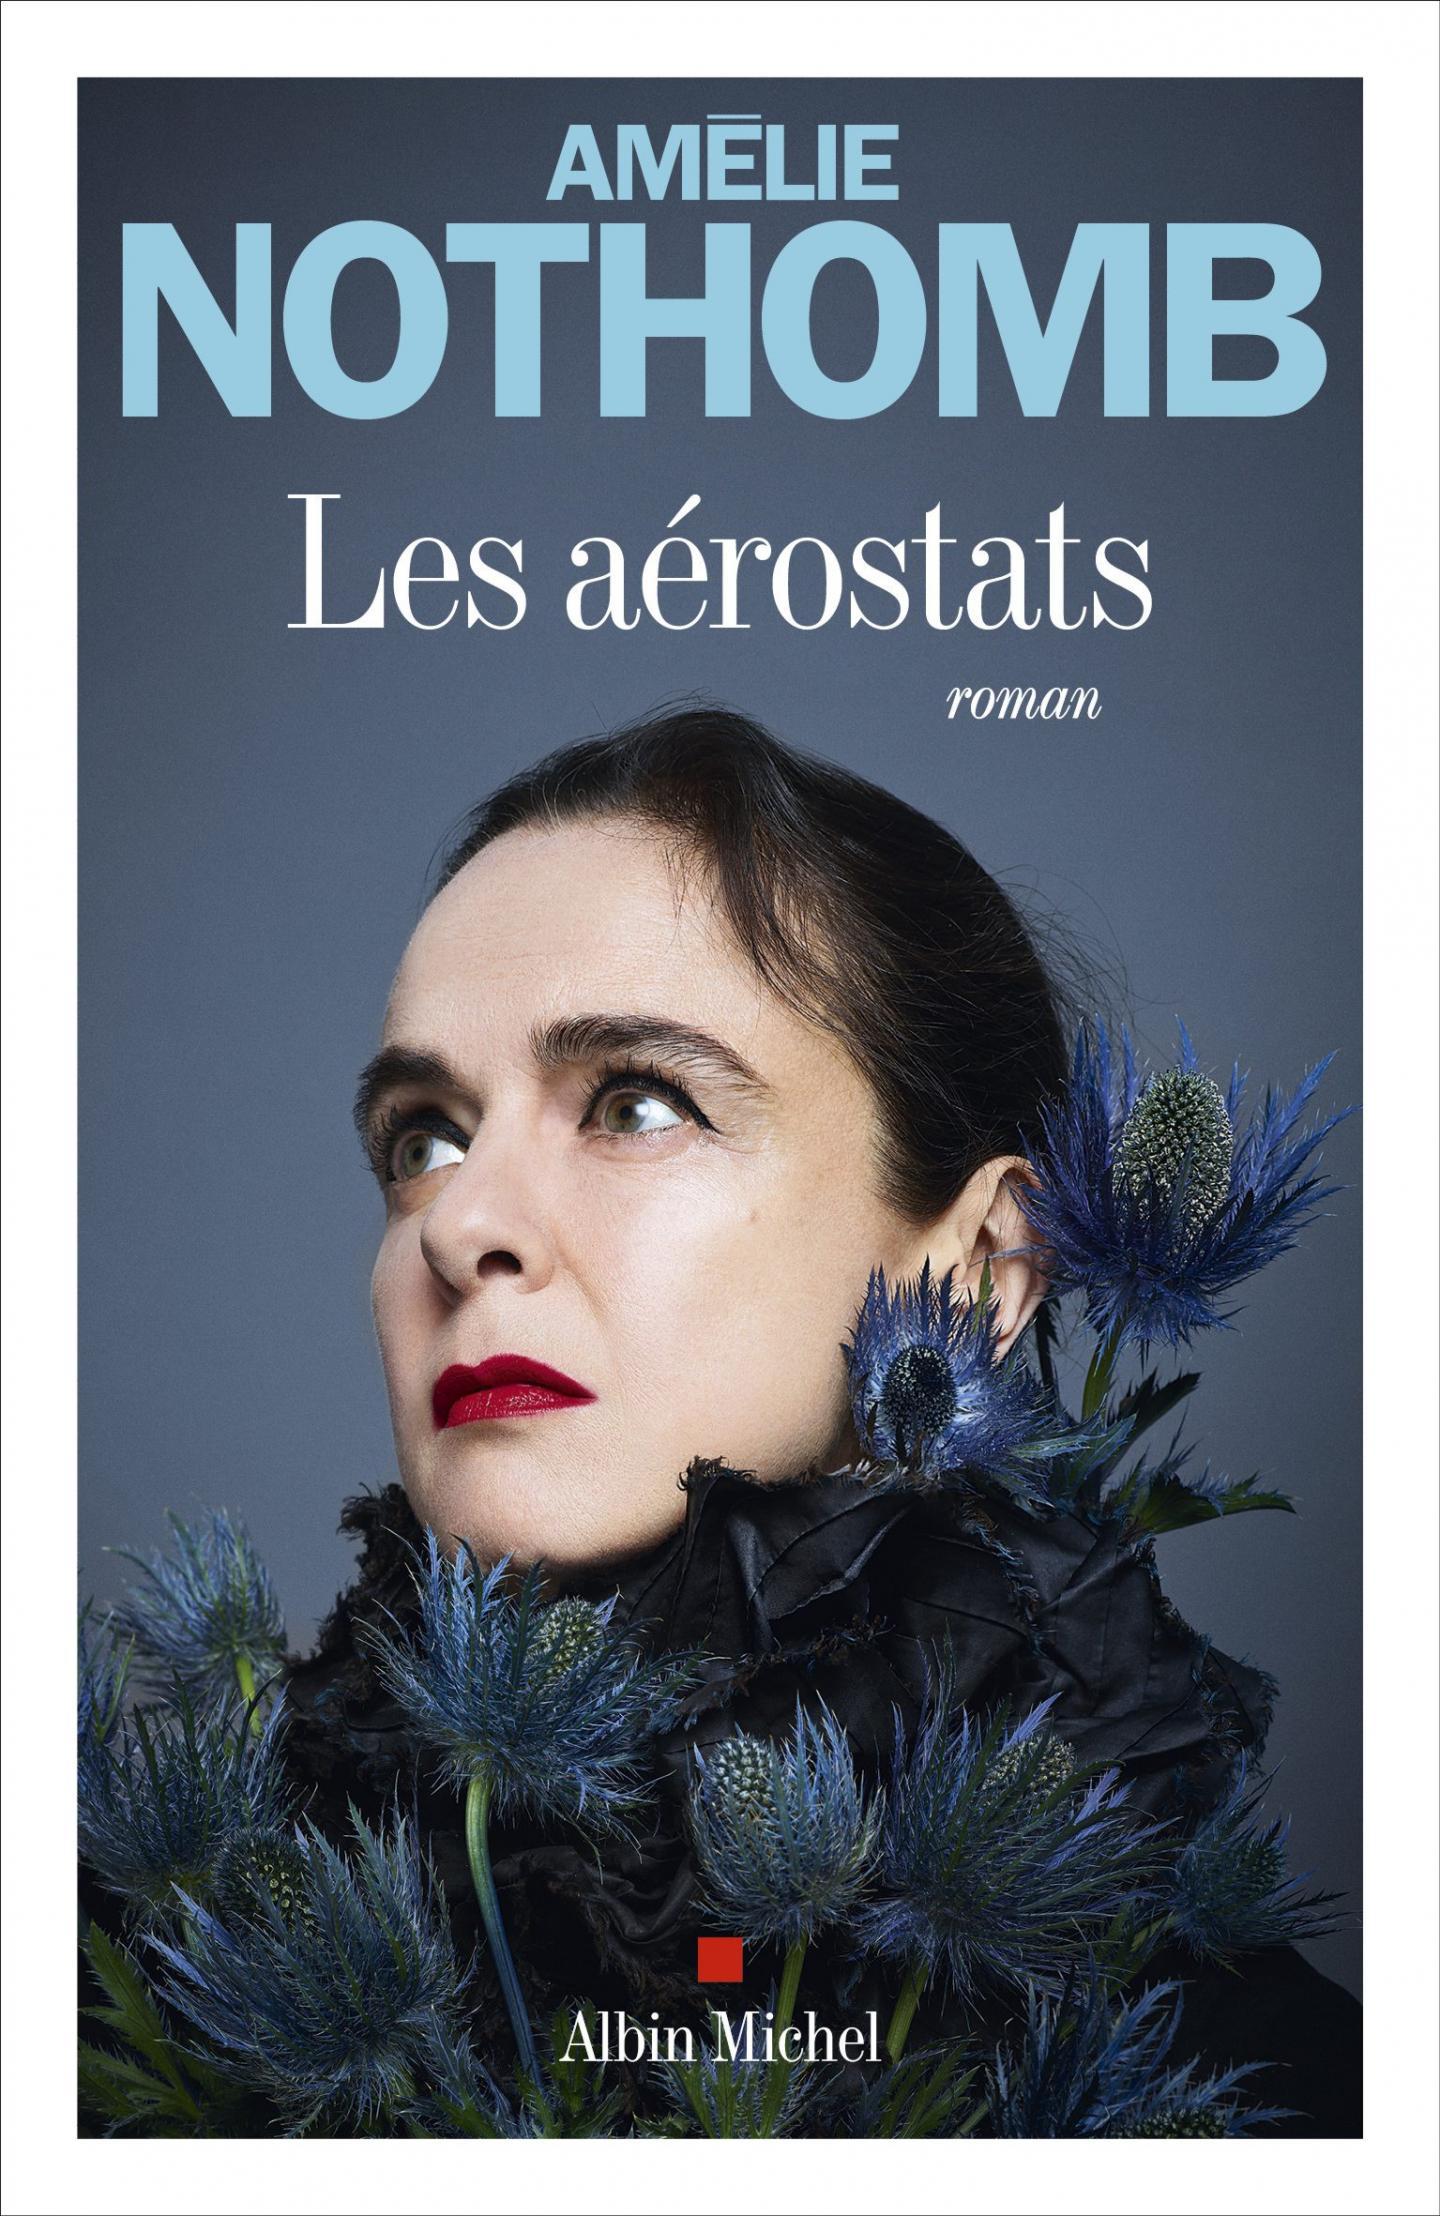 Les Aérostats. Amélie Nothomb. Albin Michel.180 pages. 17,90€.